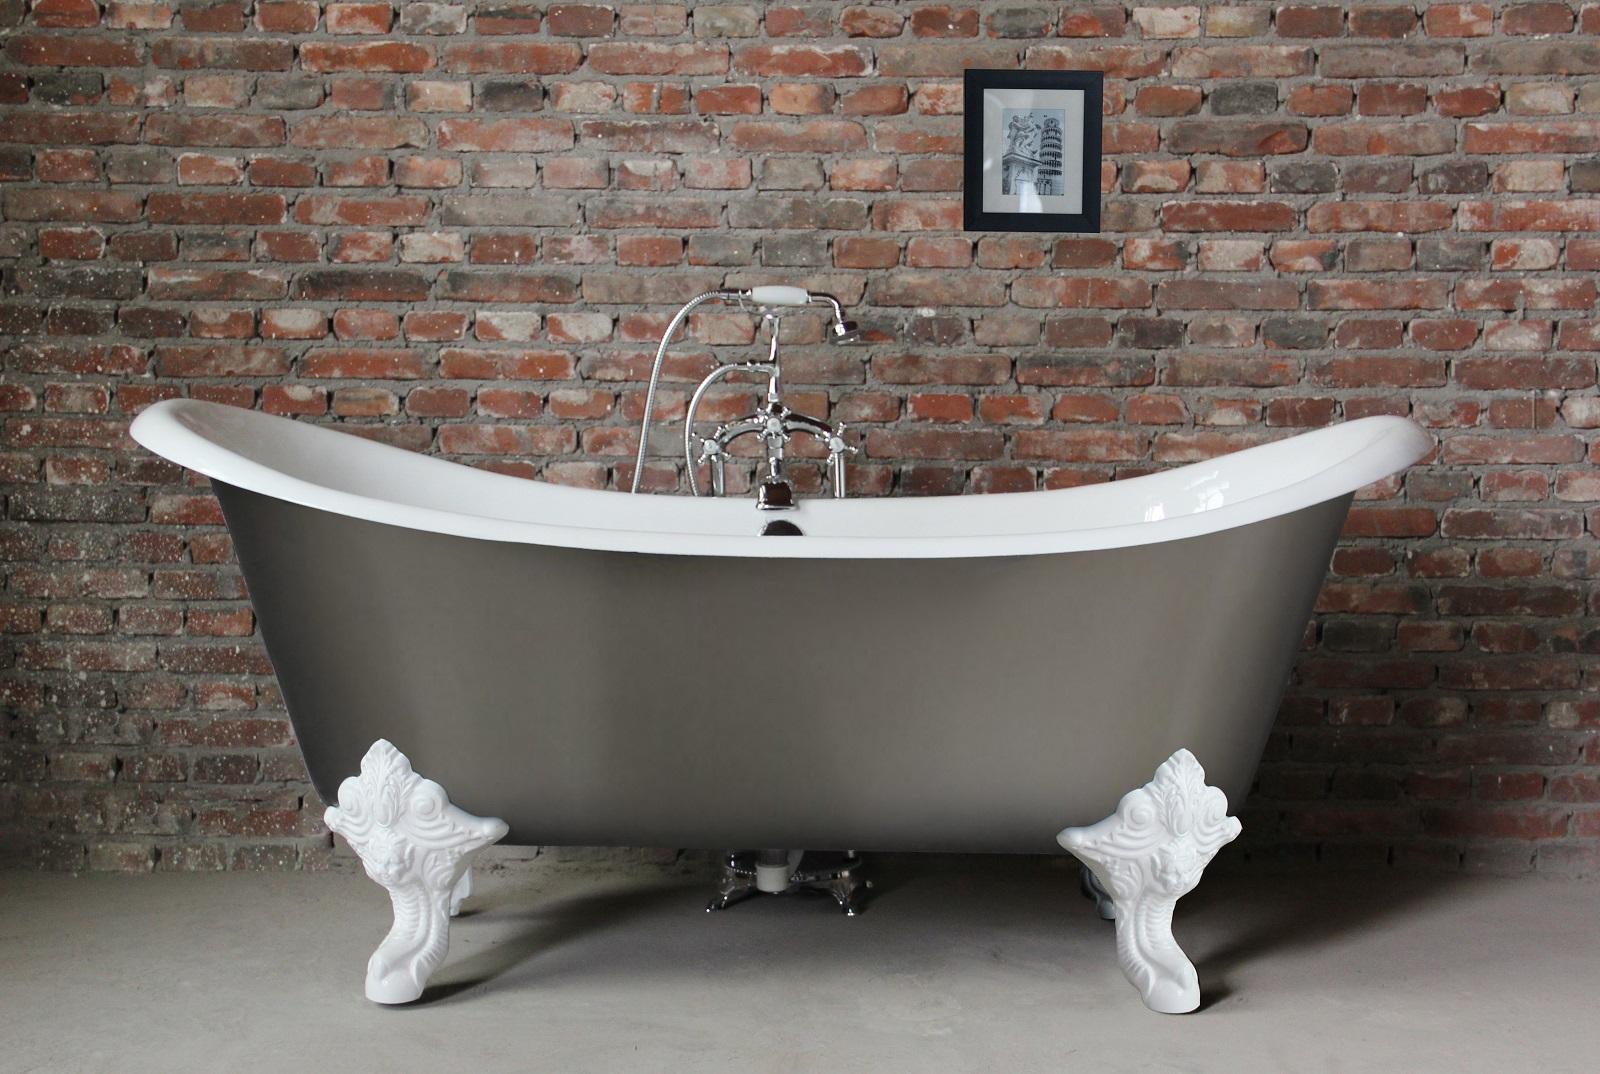 Vasca Da Bagno Zampe Di Leone : Le vasche da bagno non sono realizzate soltanto in acrilico